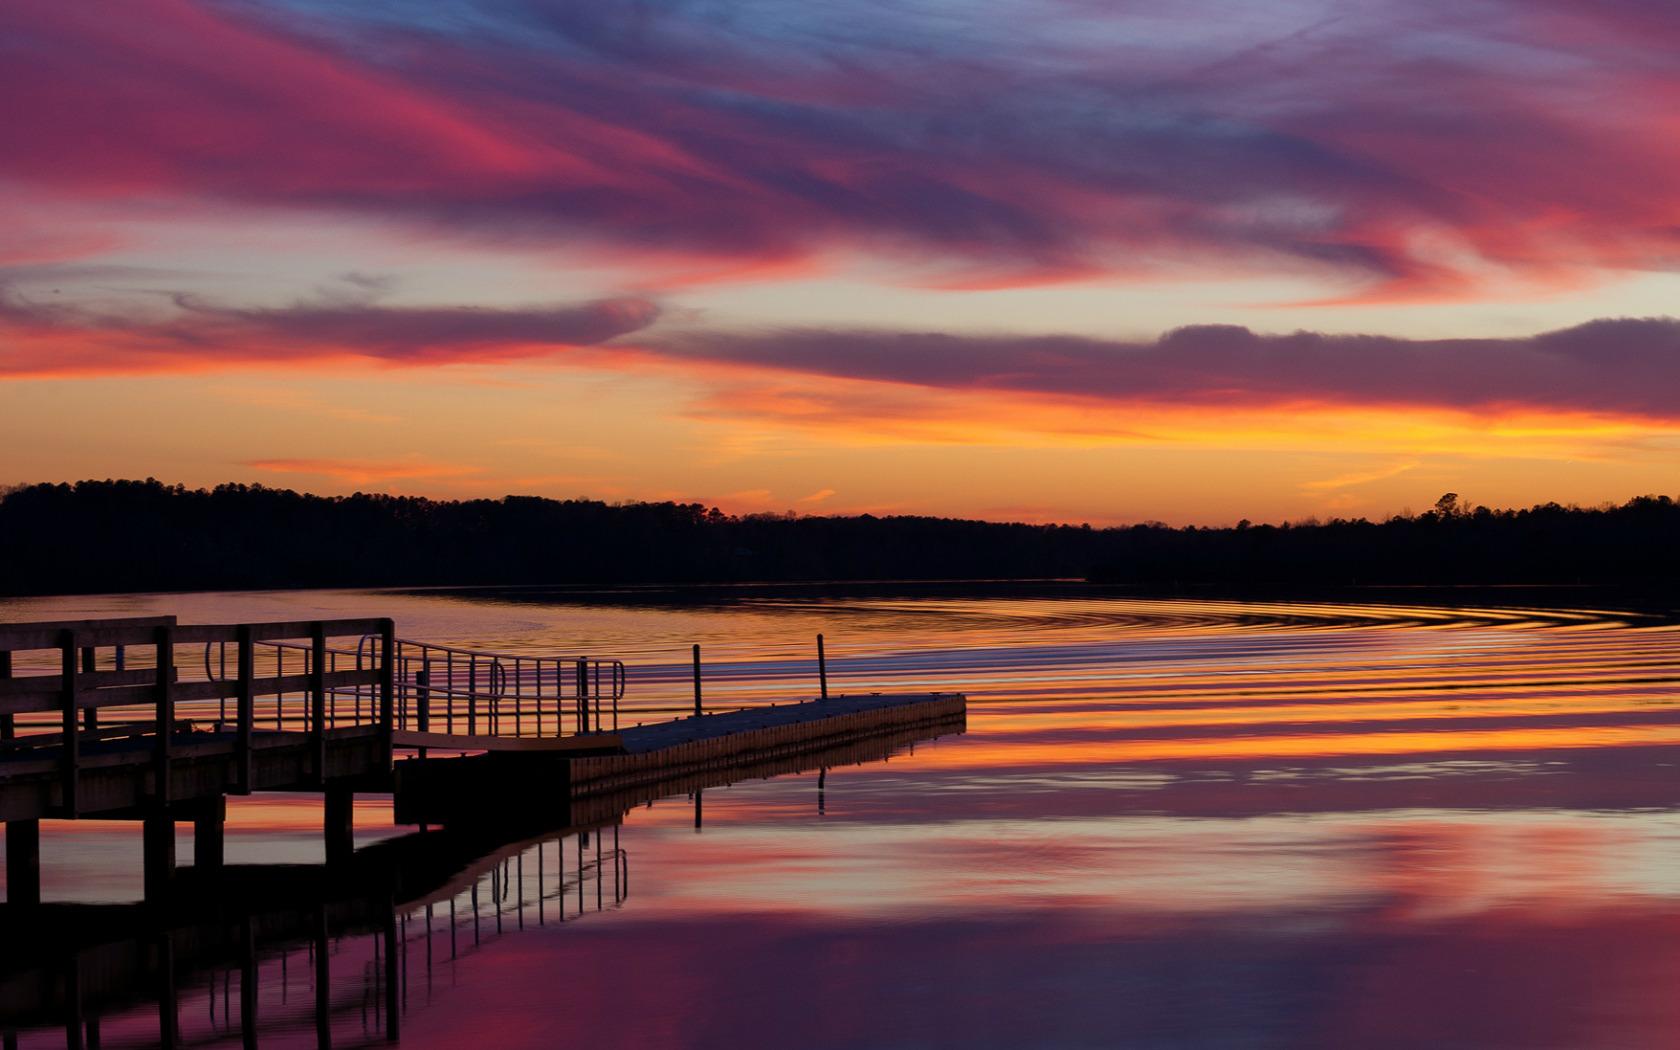 природа озеро деревья небо облака закат  № 1249570 бесплатно